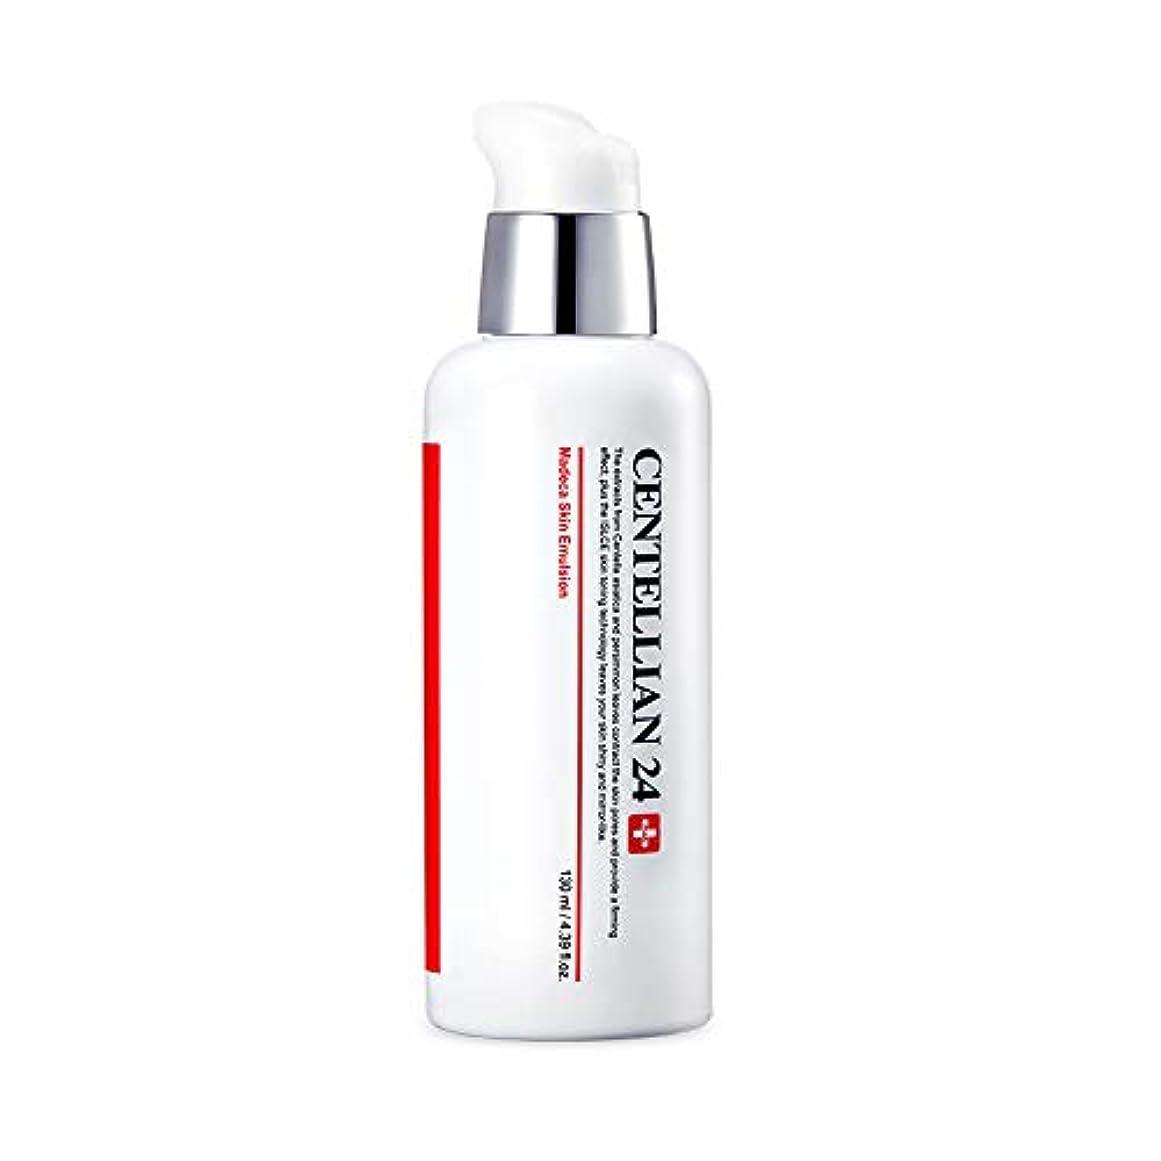 プラットフォーム定期的なグリット[Dongkook 製薬]センテリアン24 マデカ スキンエマルジョン130ml CENTELLIAN 24 Madeca Skin Emulsion 130ml海外直送品